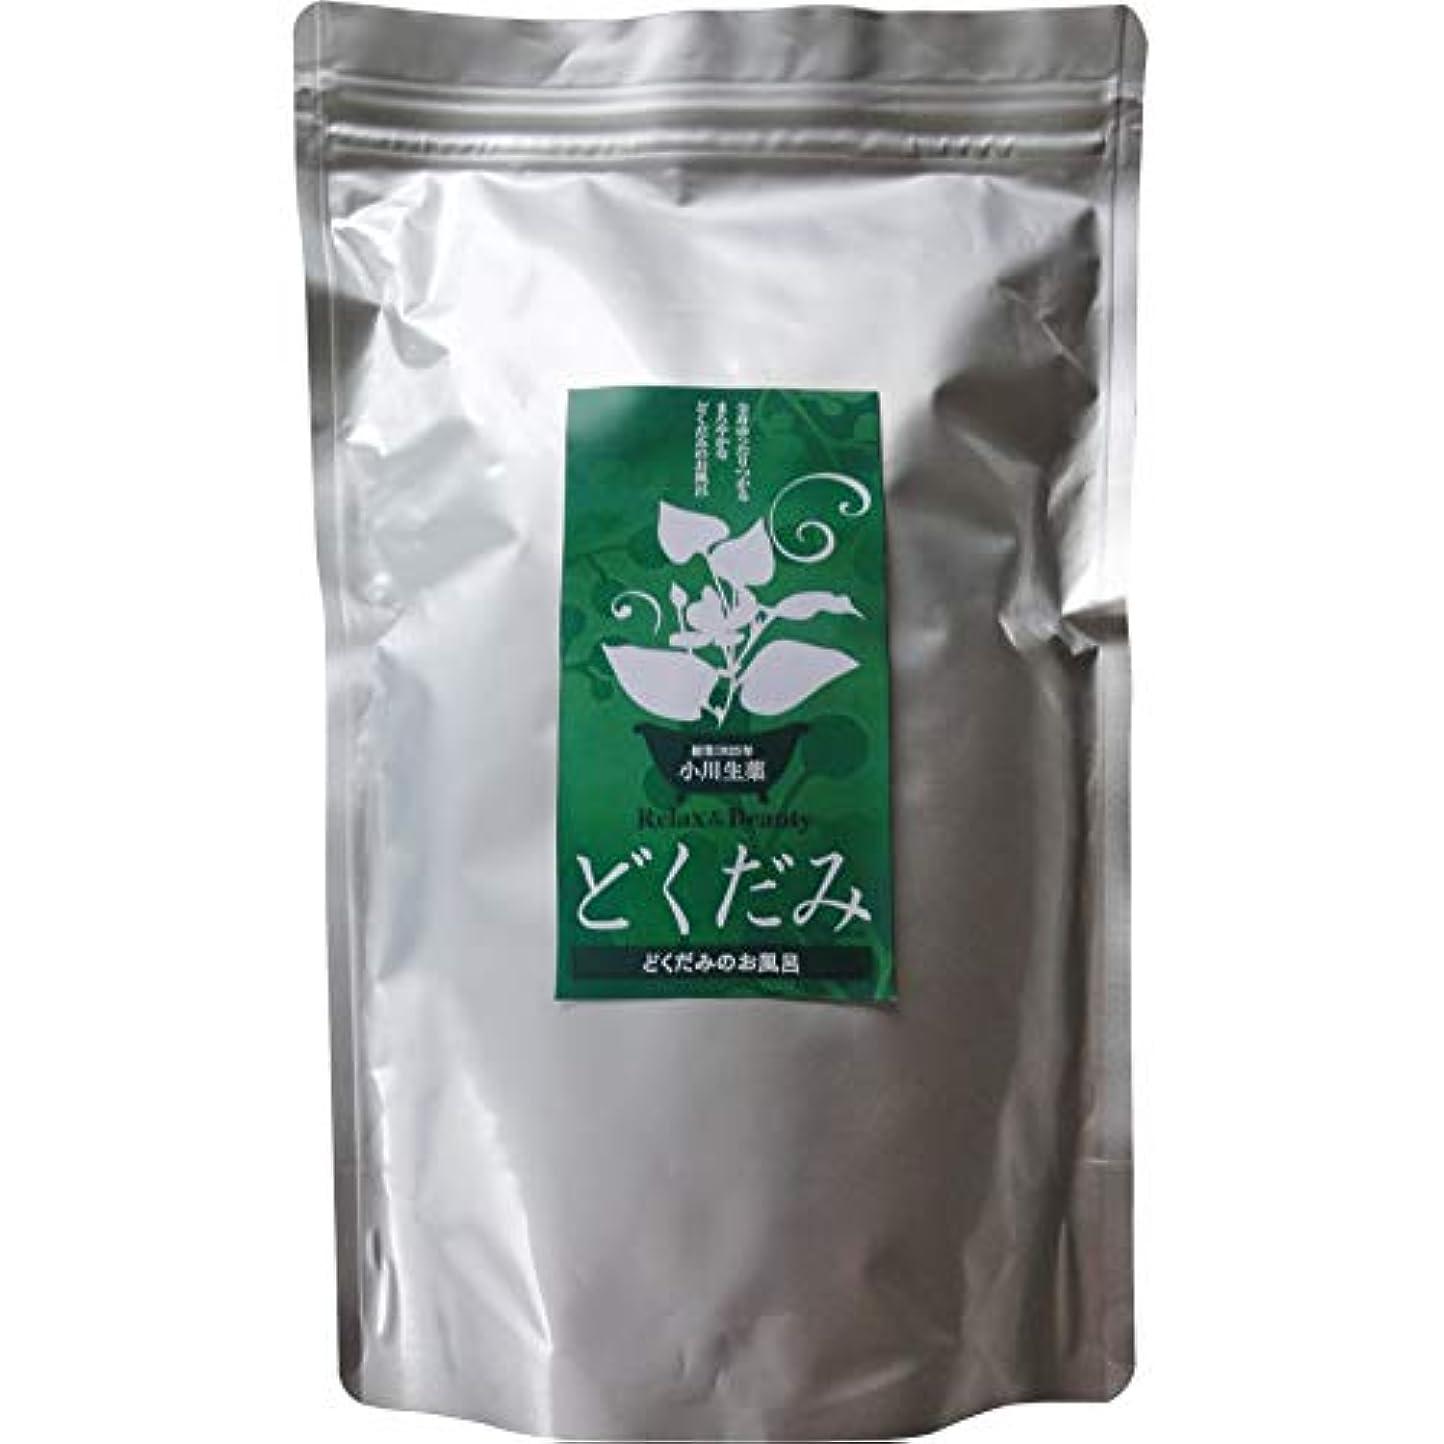 大きなスケールで見ると混合したフェード小川生薬のどくだみのお風呂 25g*10袋